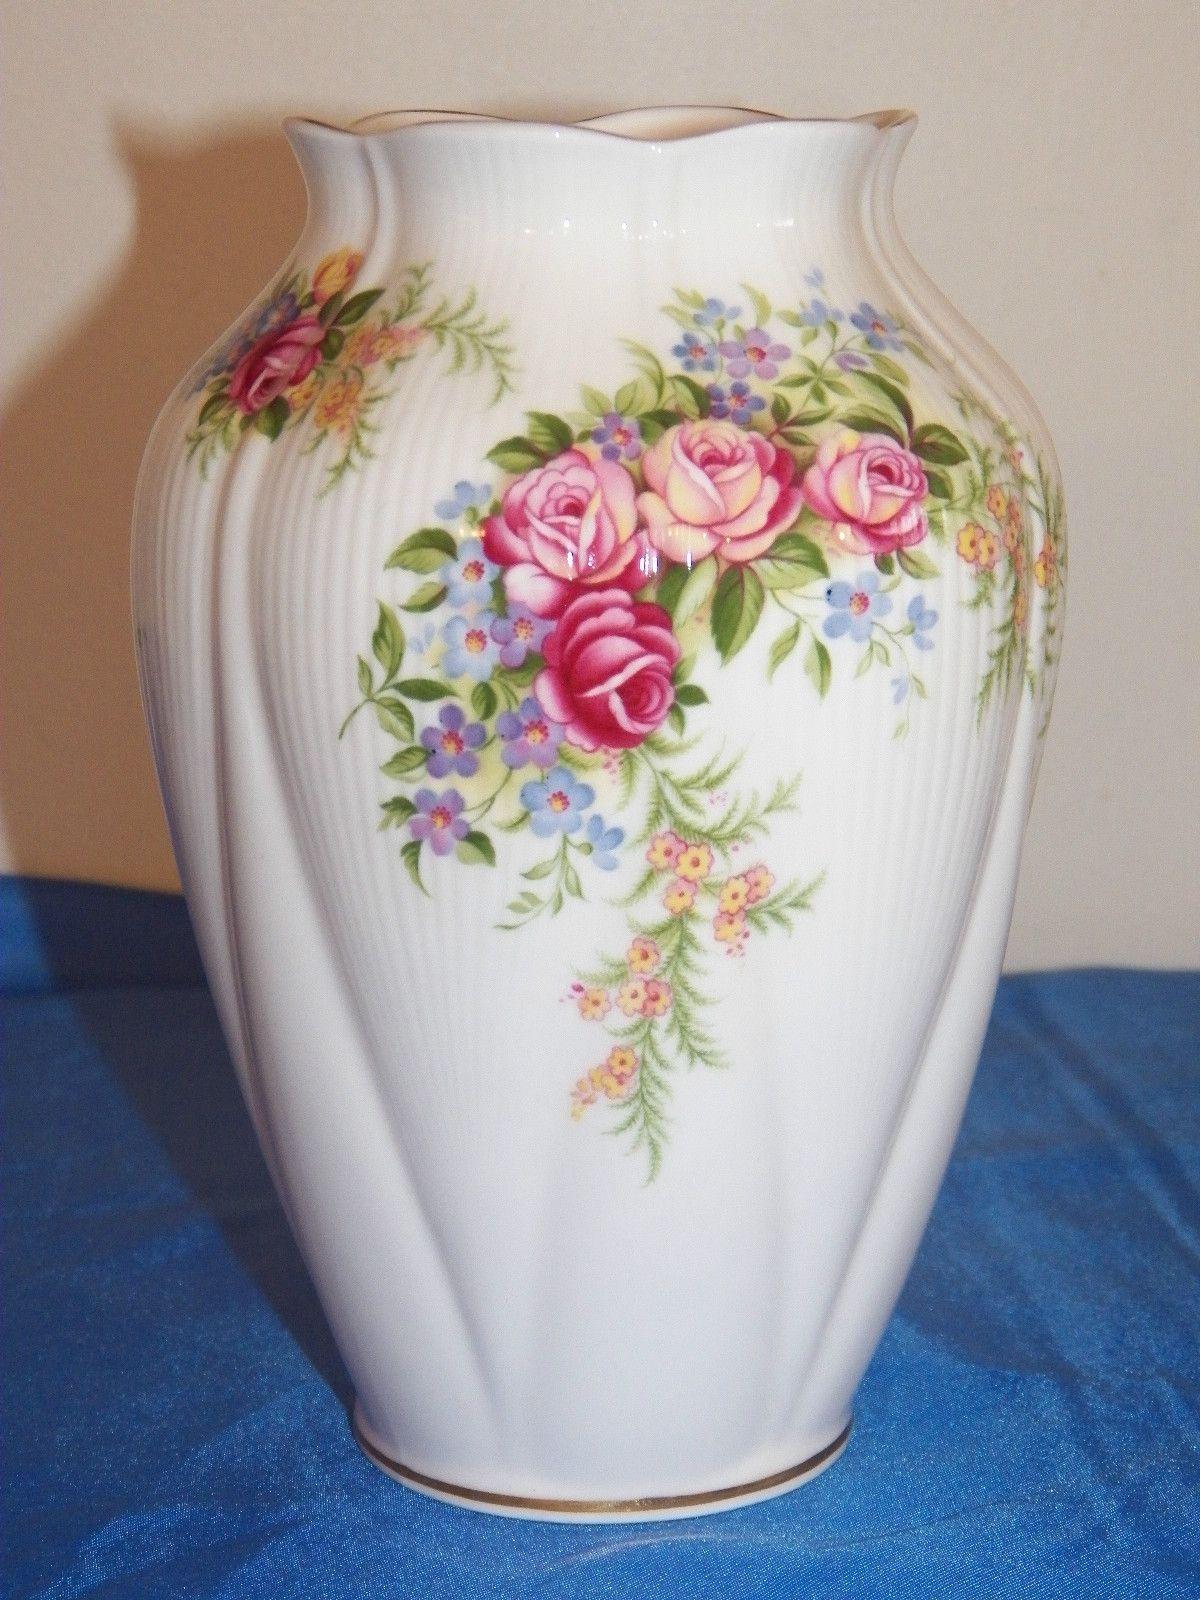 Royal Albert Floral Vase Danbury Mint Quot Shelley Quot Shaped Royal Albert Patterns Vase Royal